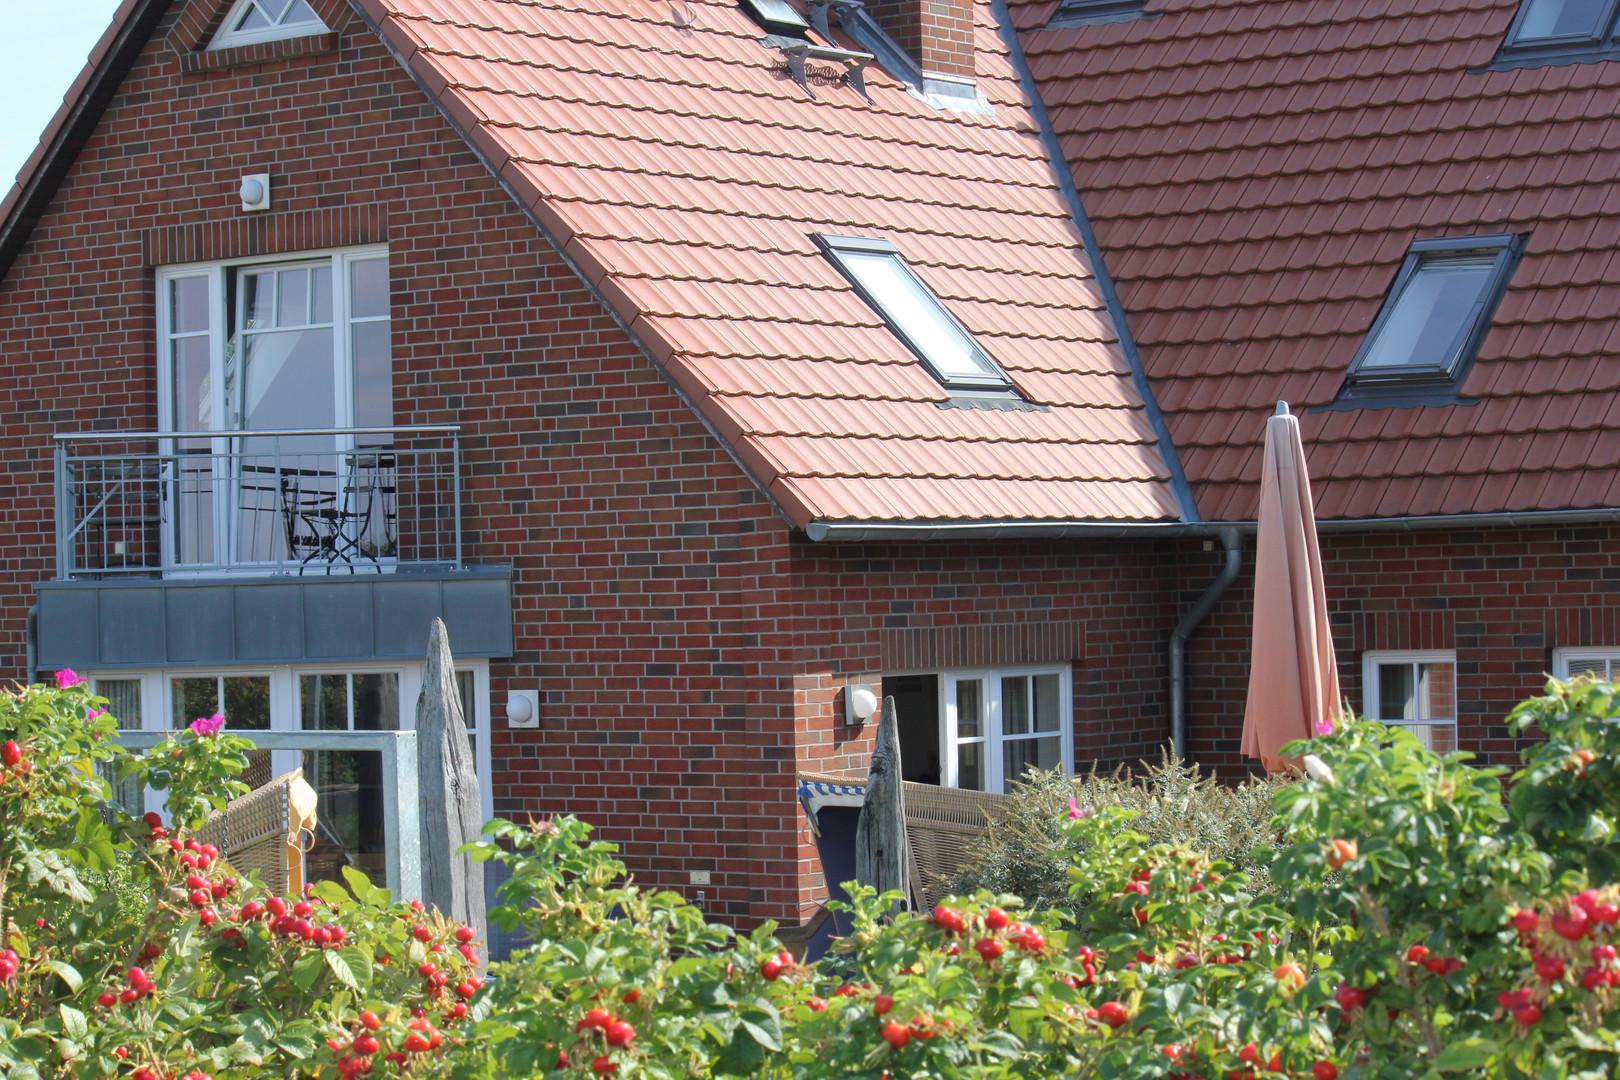 Villa Klatschmohn